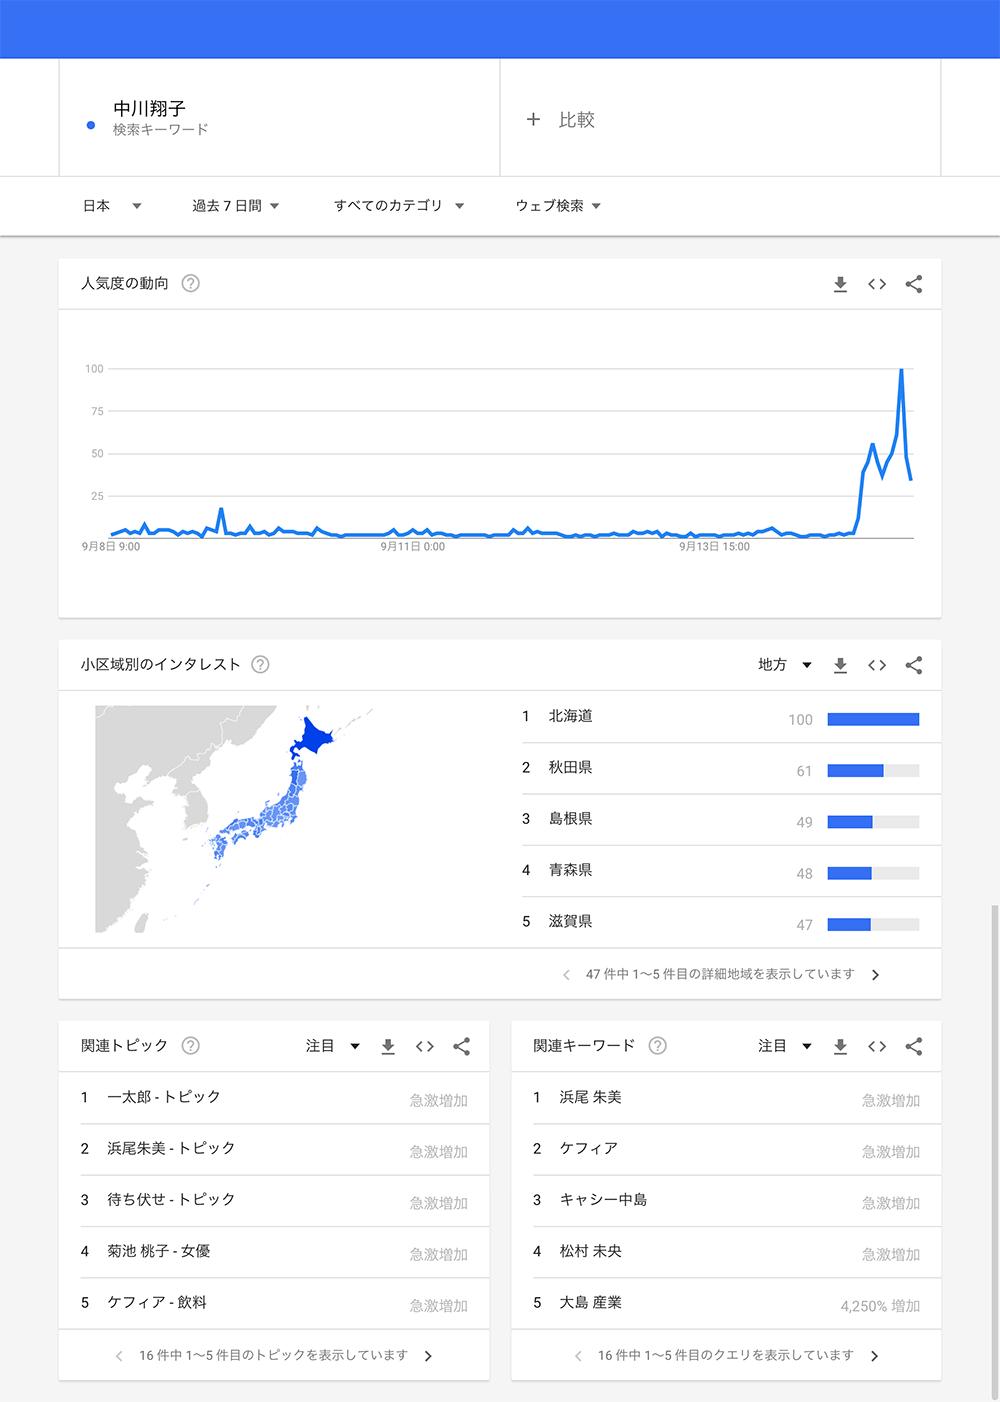 人気度の動向